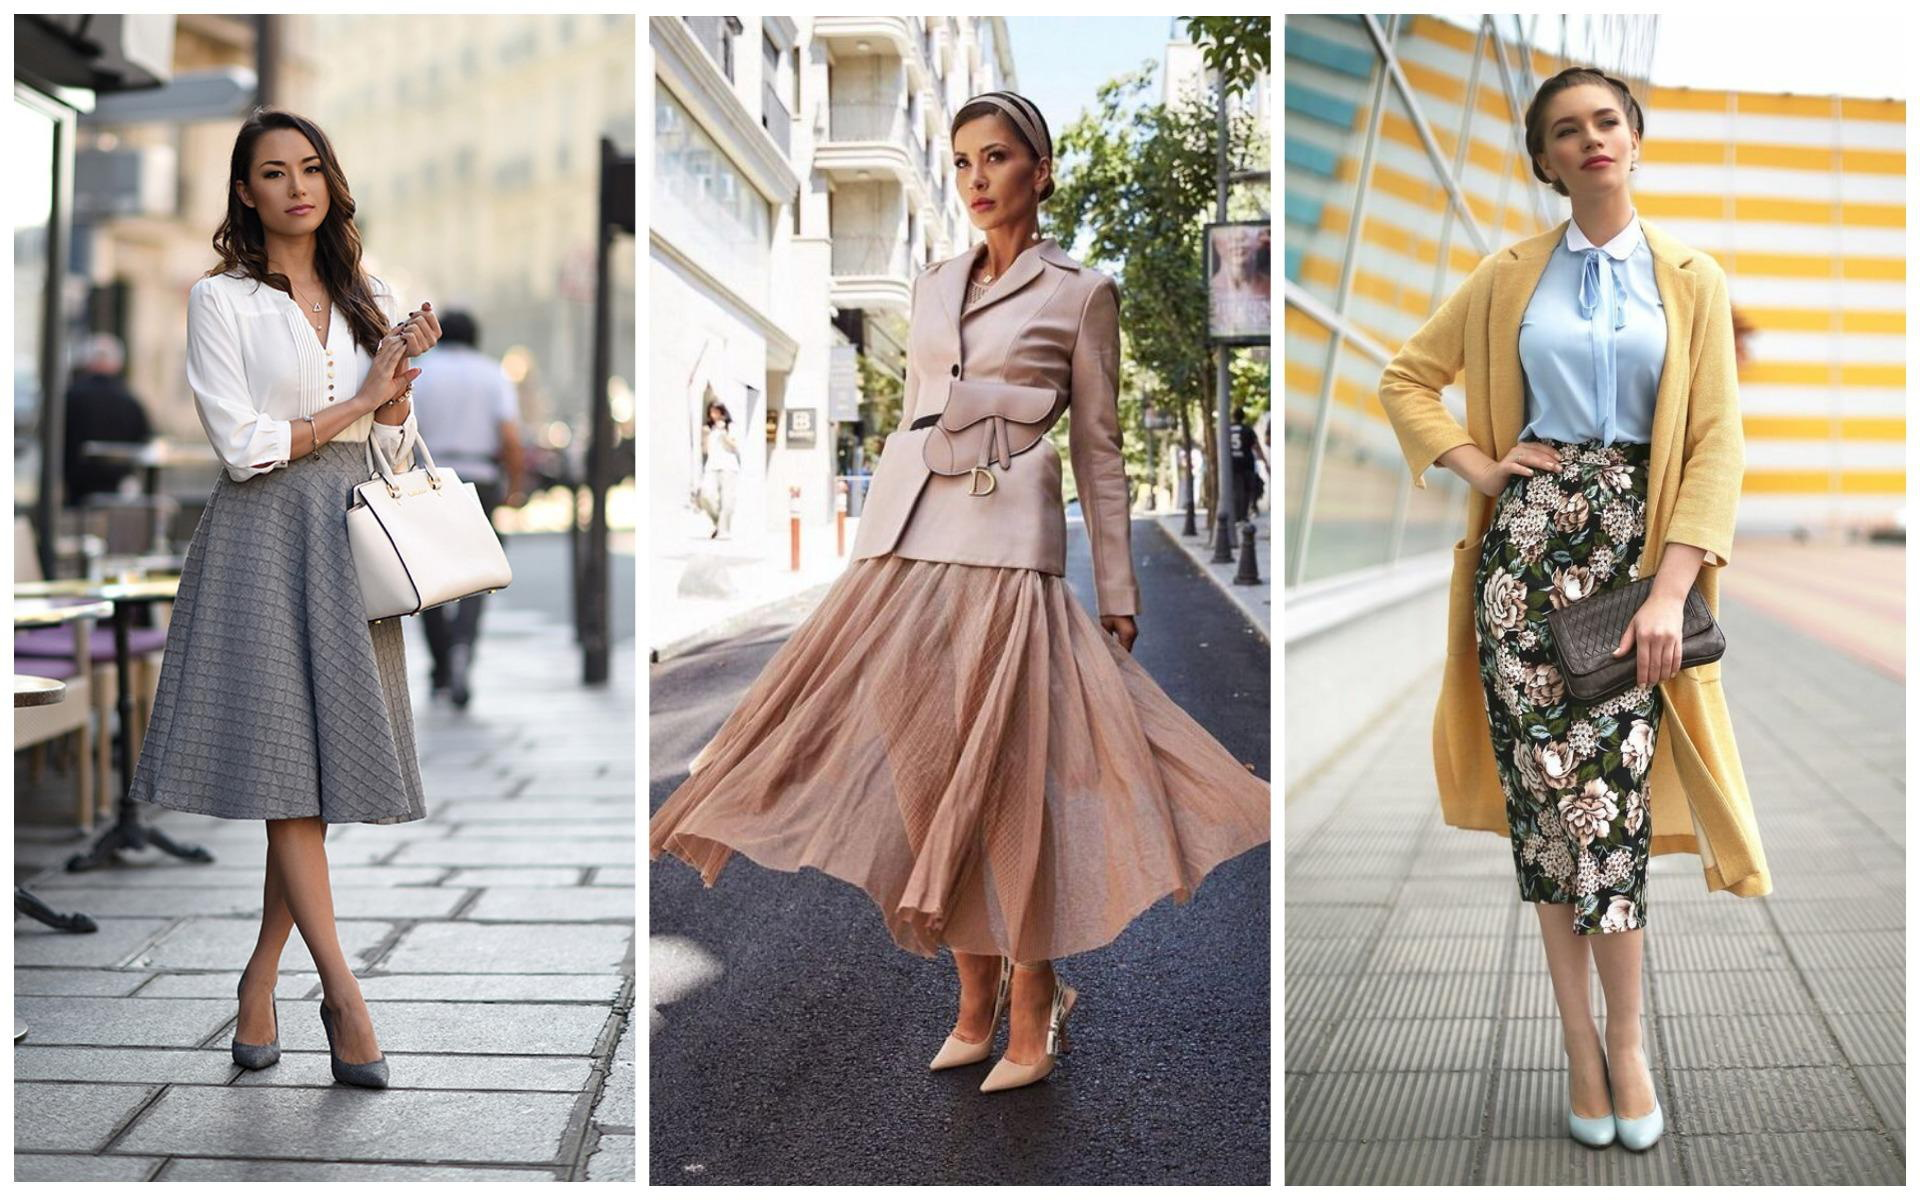 Женственный образ с юбками